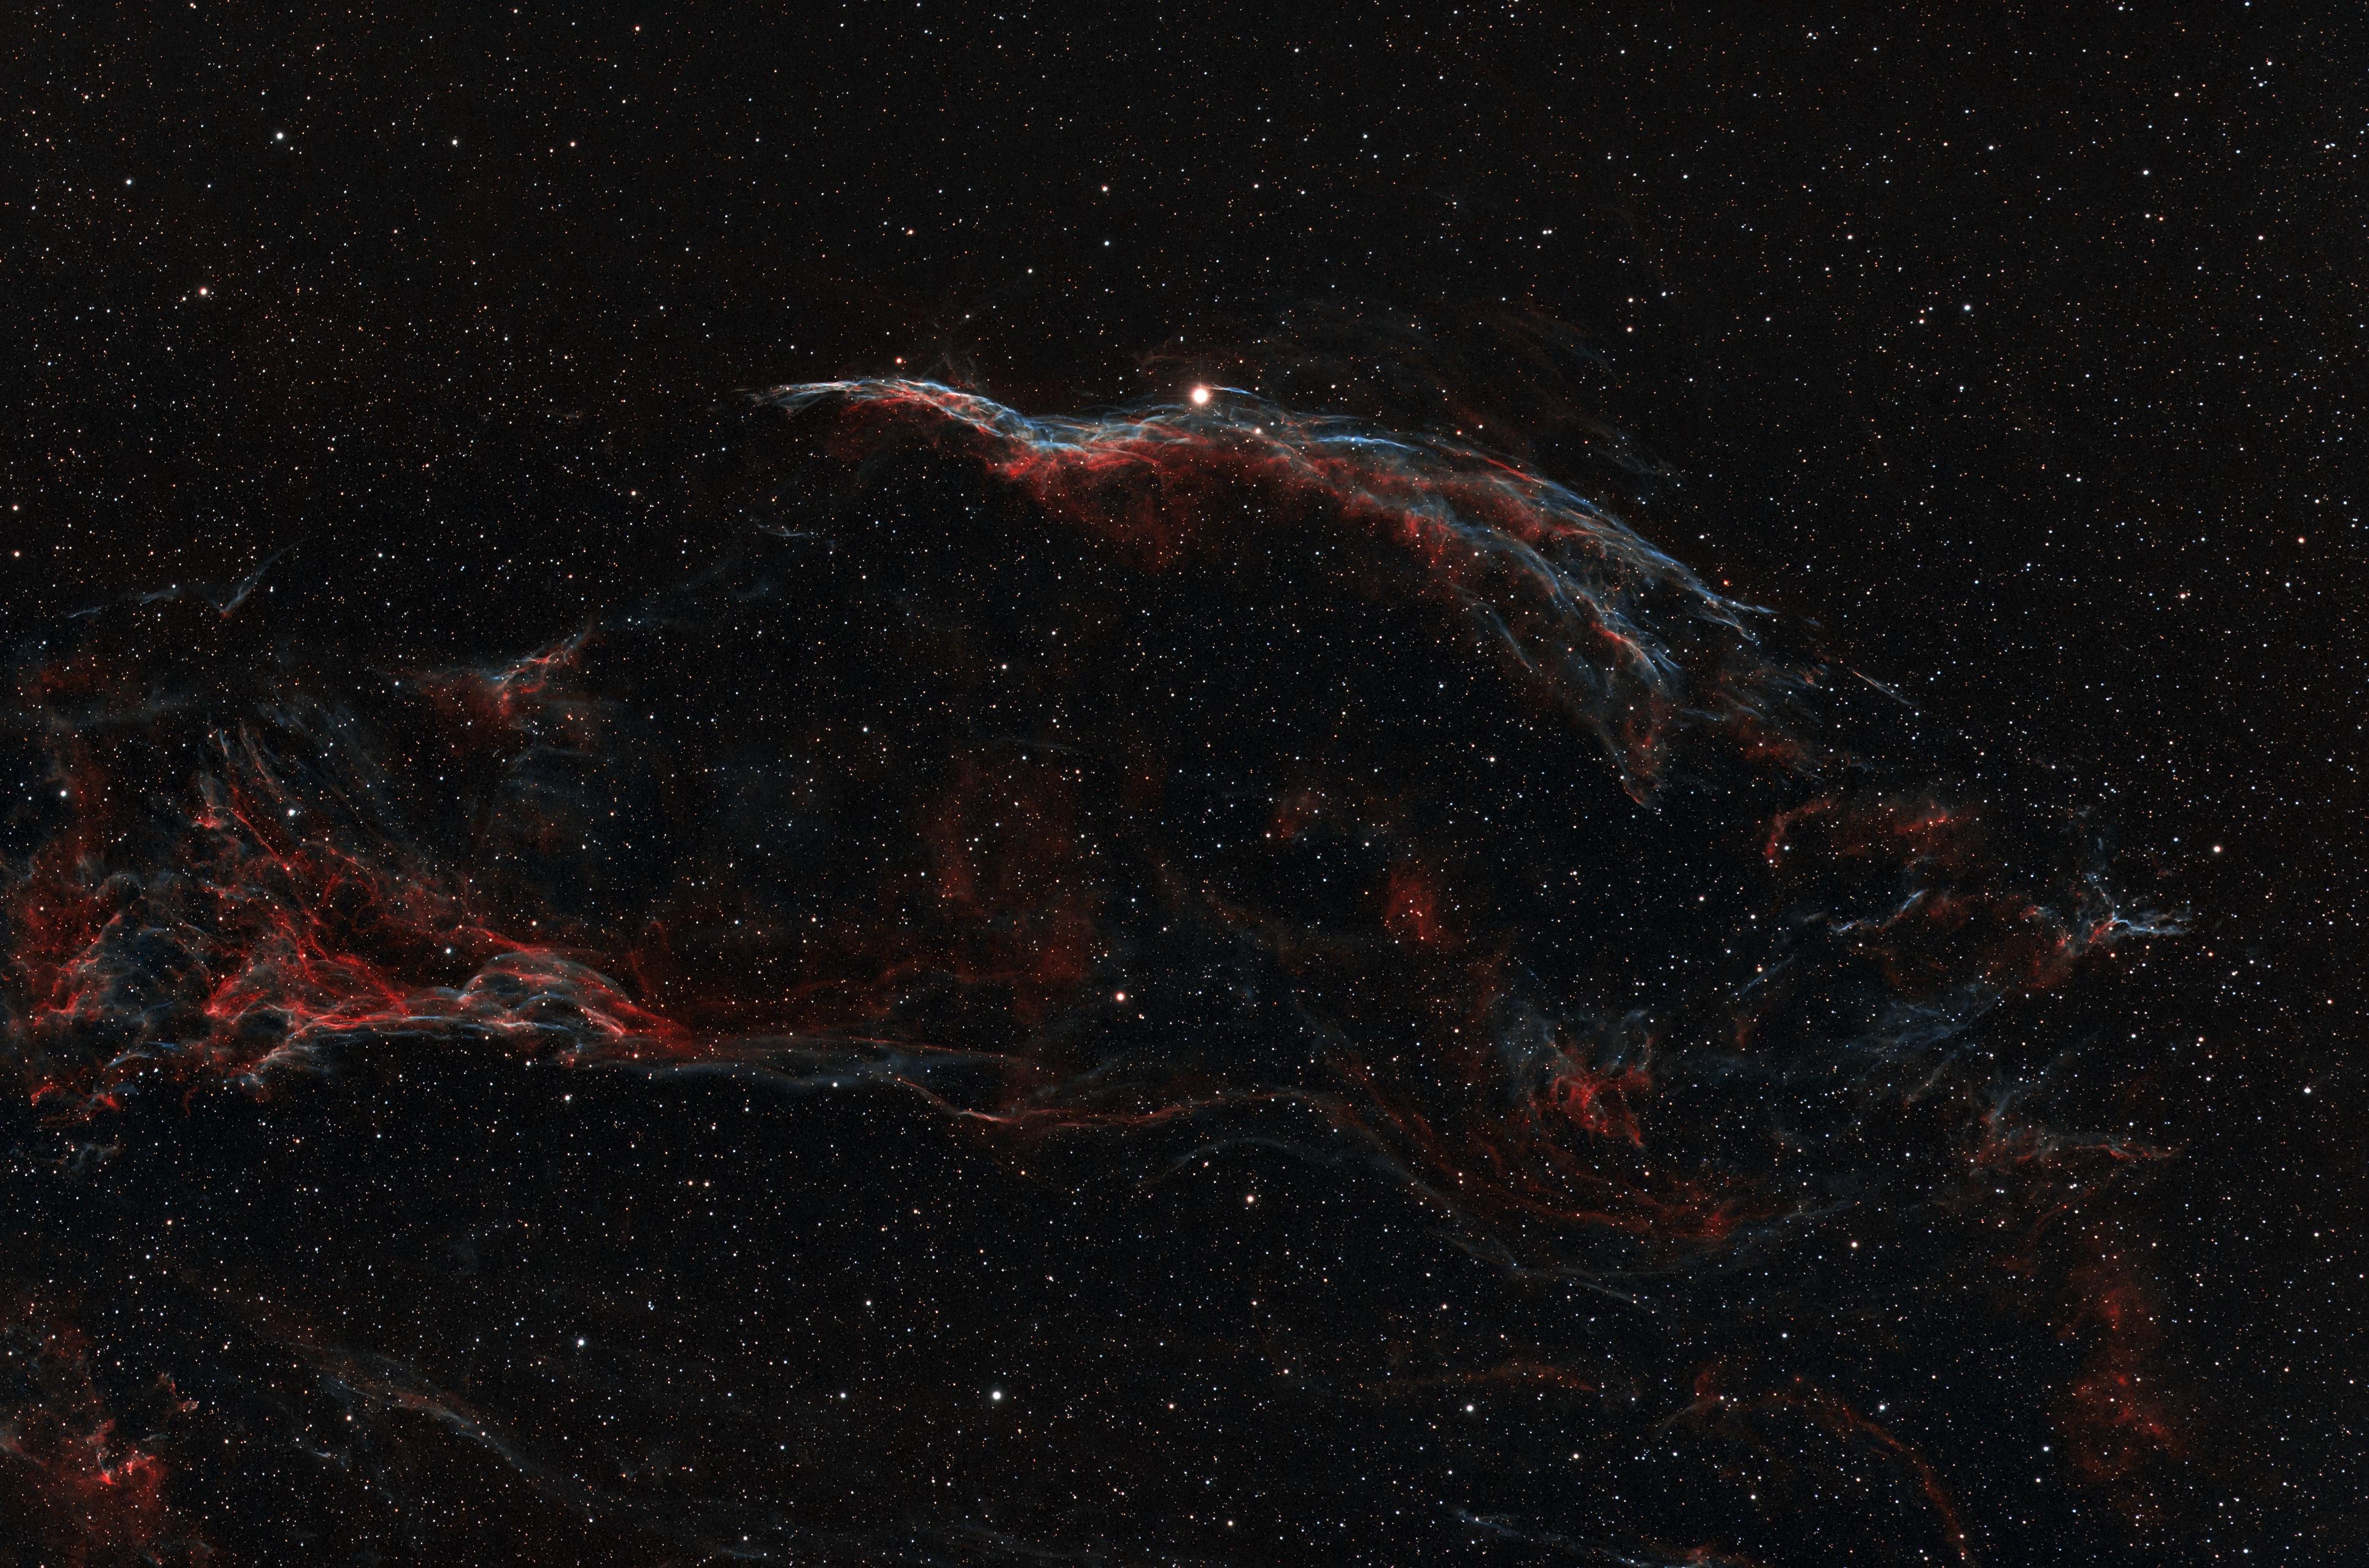 NGC6960_ASIAir_ASI2600_36x180s_G100_-10d